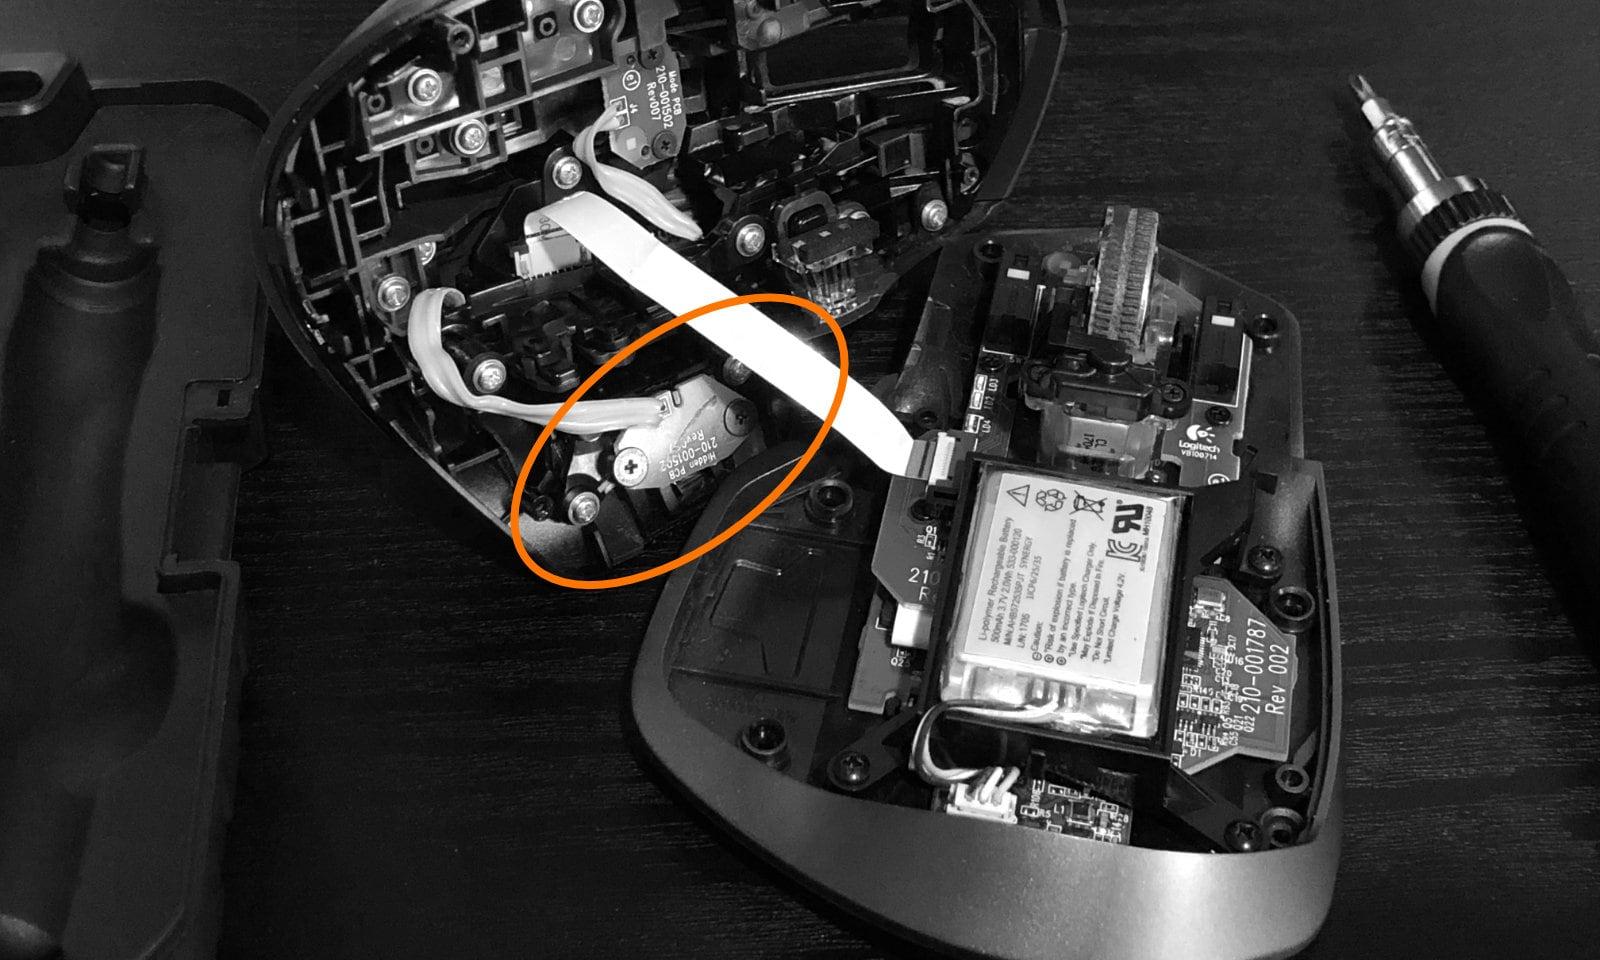 解体して上下のパーツに分かれた状態のマウスの写真。ケーブルで繋がっている。親指ボタンのパーツが丸で囲われている